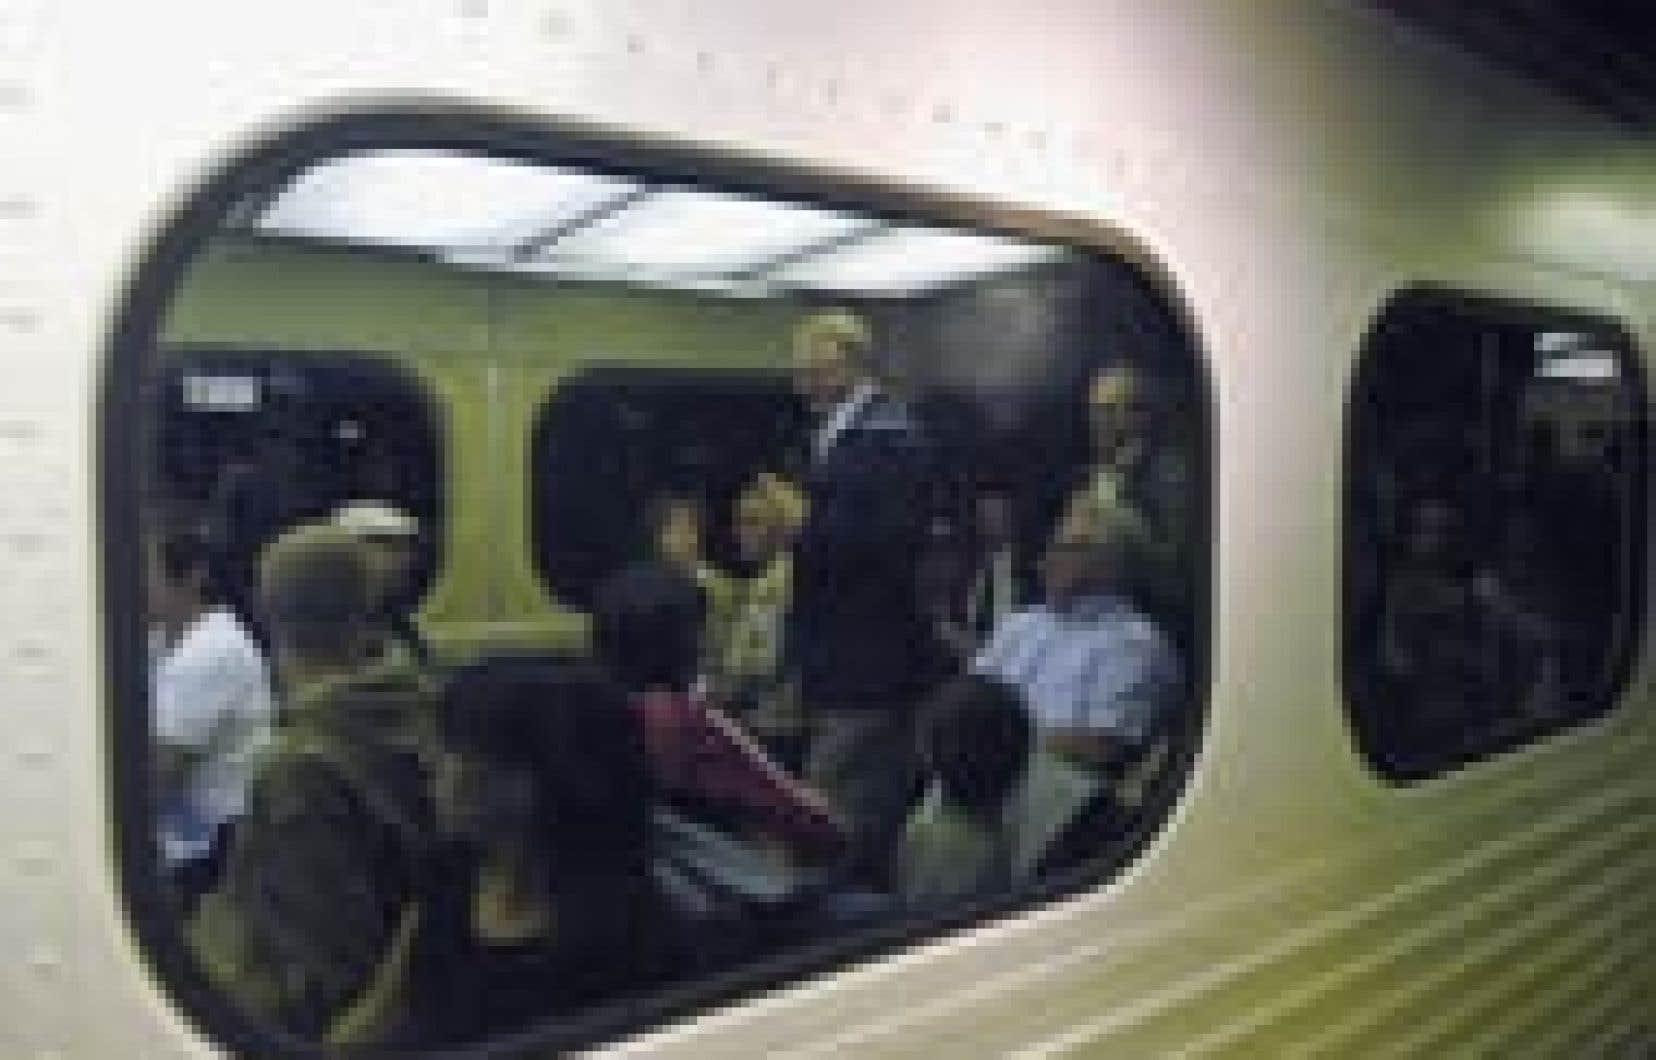 Le maire Gérald Tremblay est venu écouter les revendications des manifestants de l'Est de Montréal qui s'étaient donné rendez-vous, hier, à la Gare centrale pour réclamer la mise en service dans les plus brefs délais d'un train de banlieue.